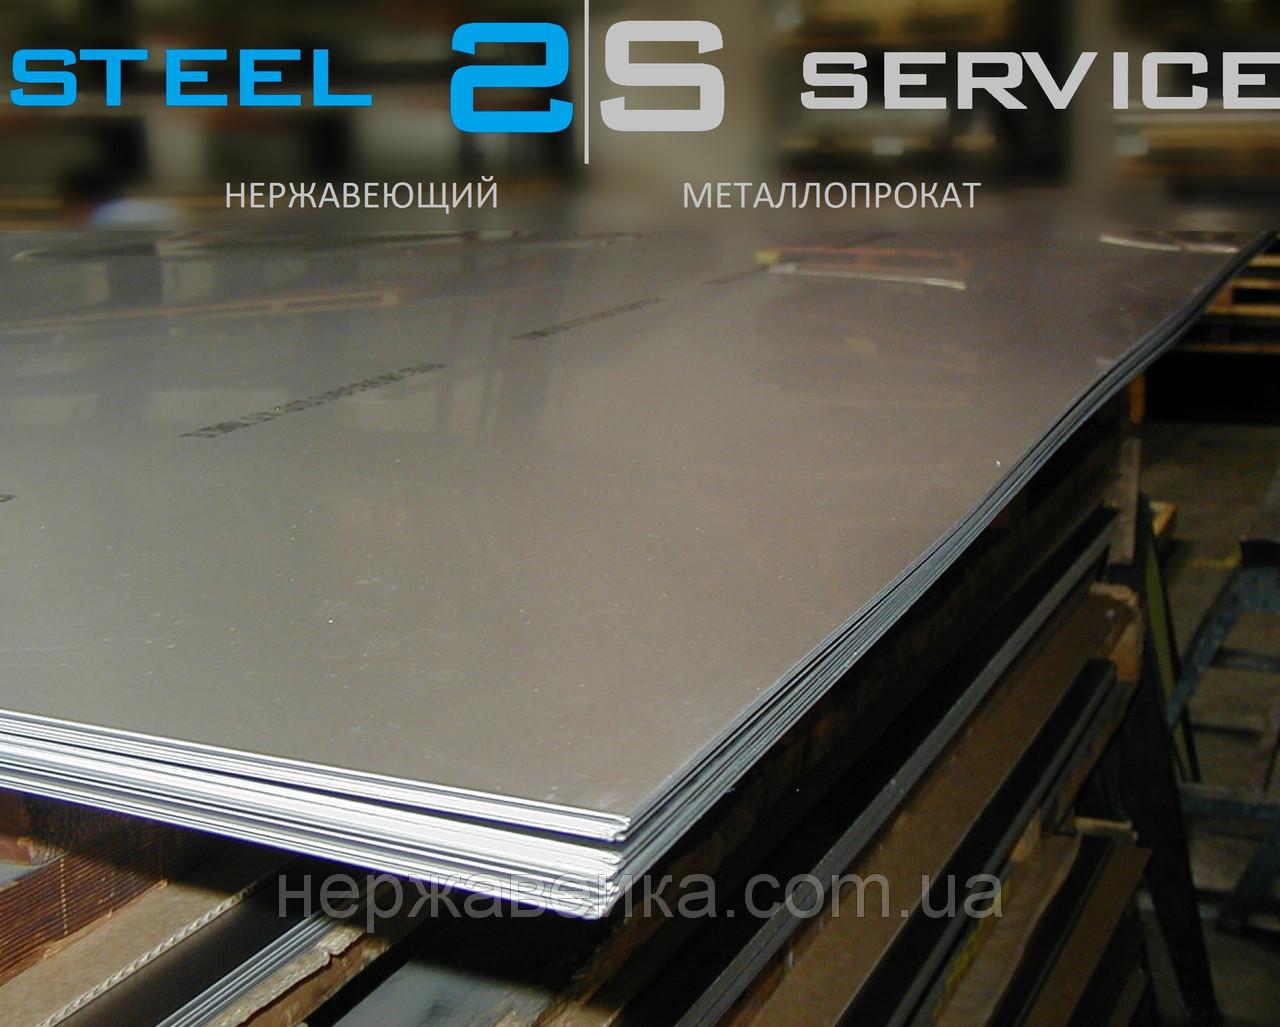 Нержавіючий лист 5х1250х2500мм AISI 316Ti(10Х17Н13М2Т) F1 - гарячекатаний, кислотостійкий